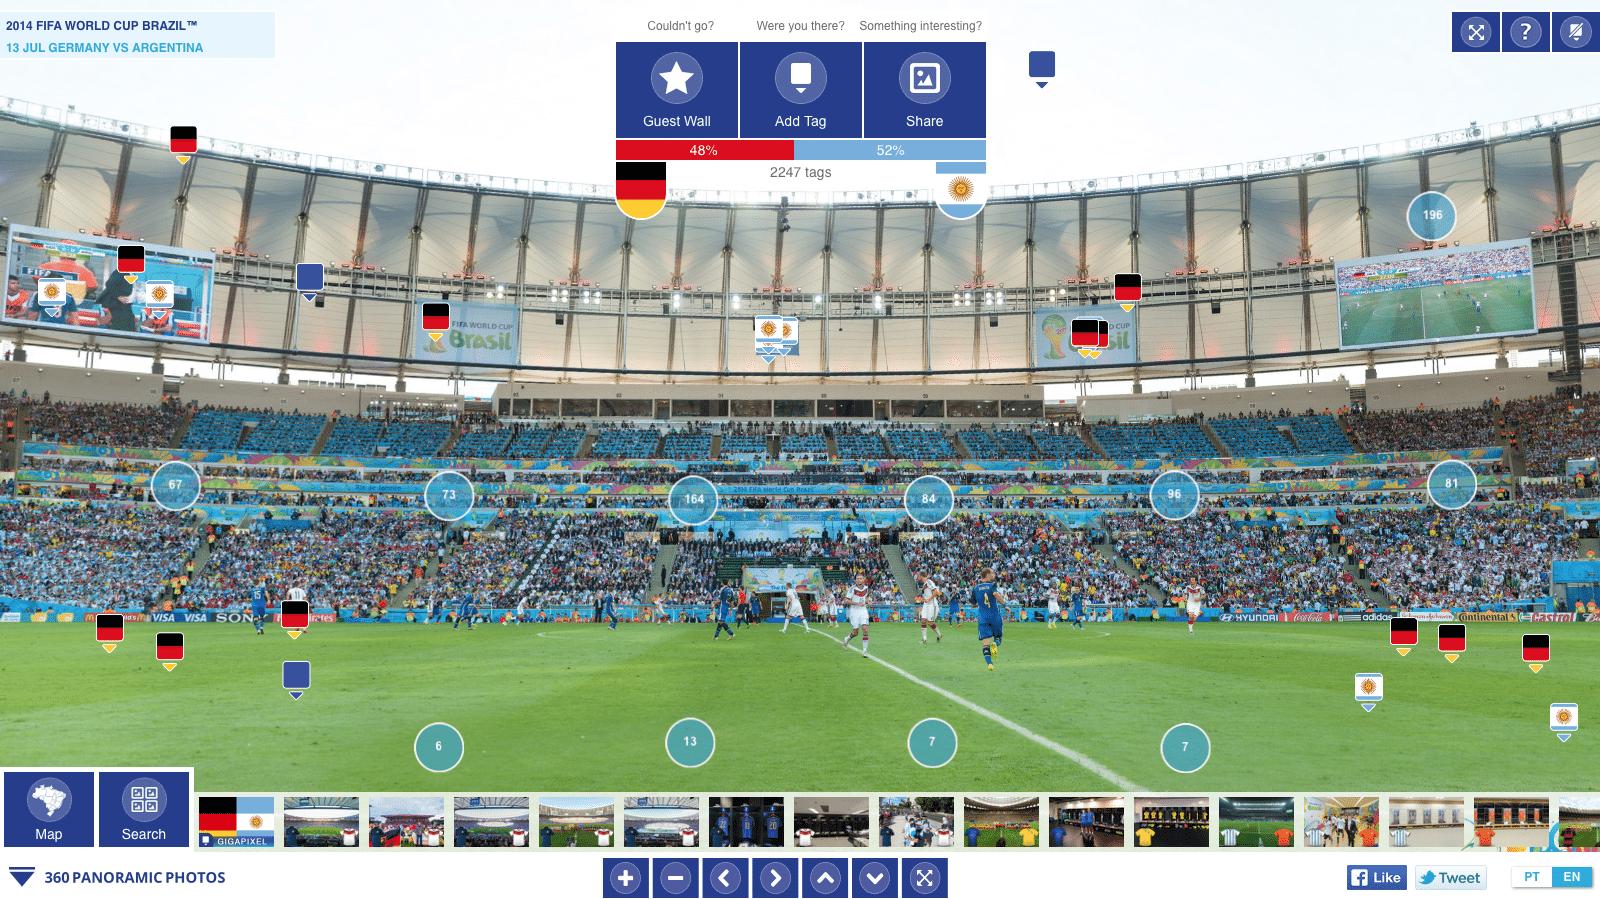 Rundumaufnahme der Fußball-Weltmeisterschaft 2014